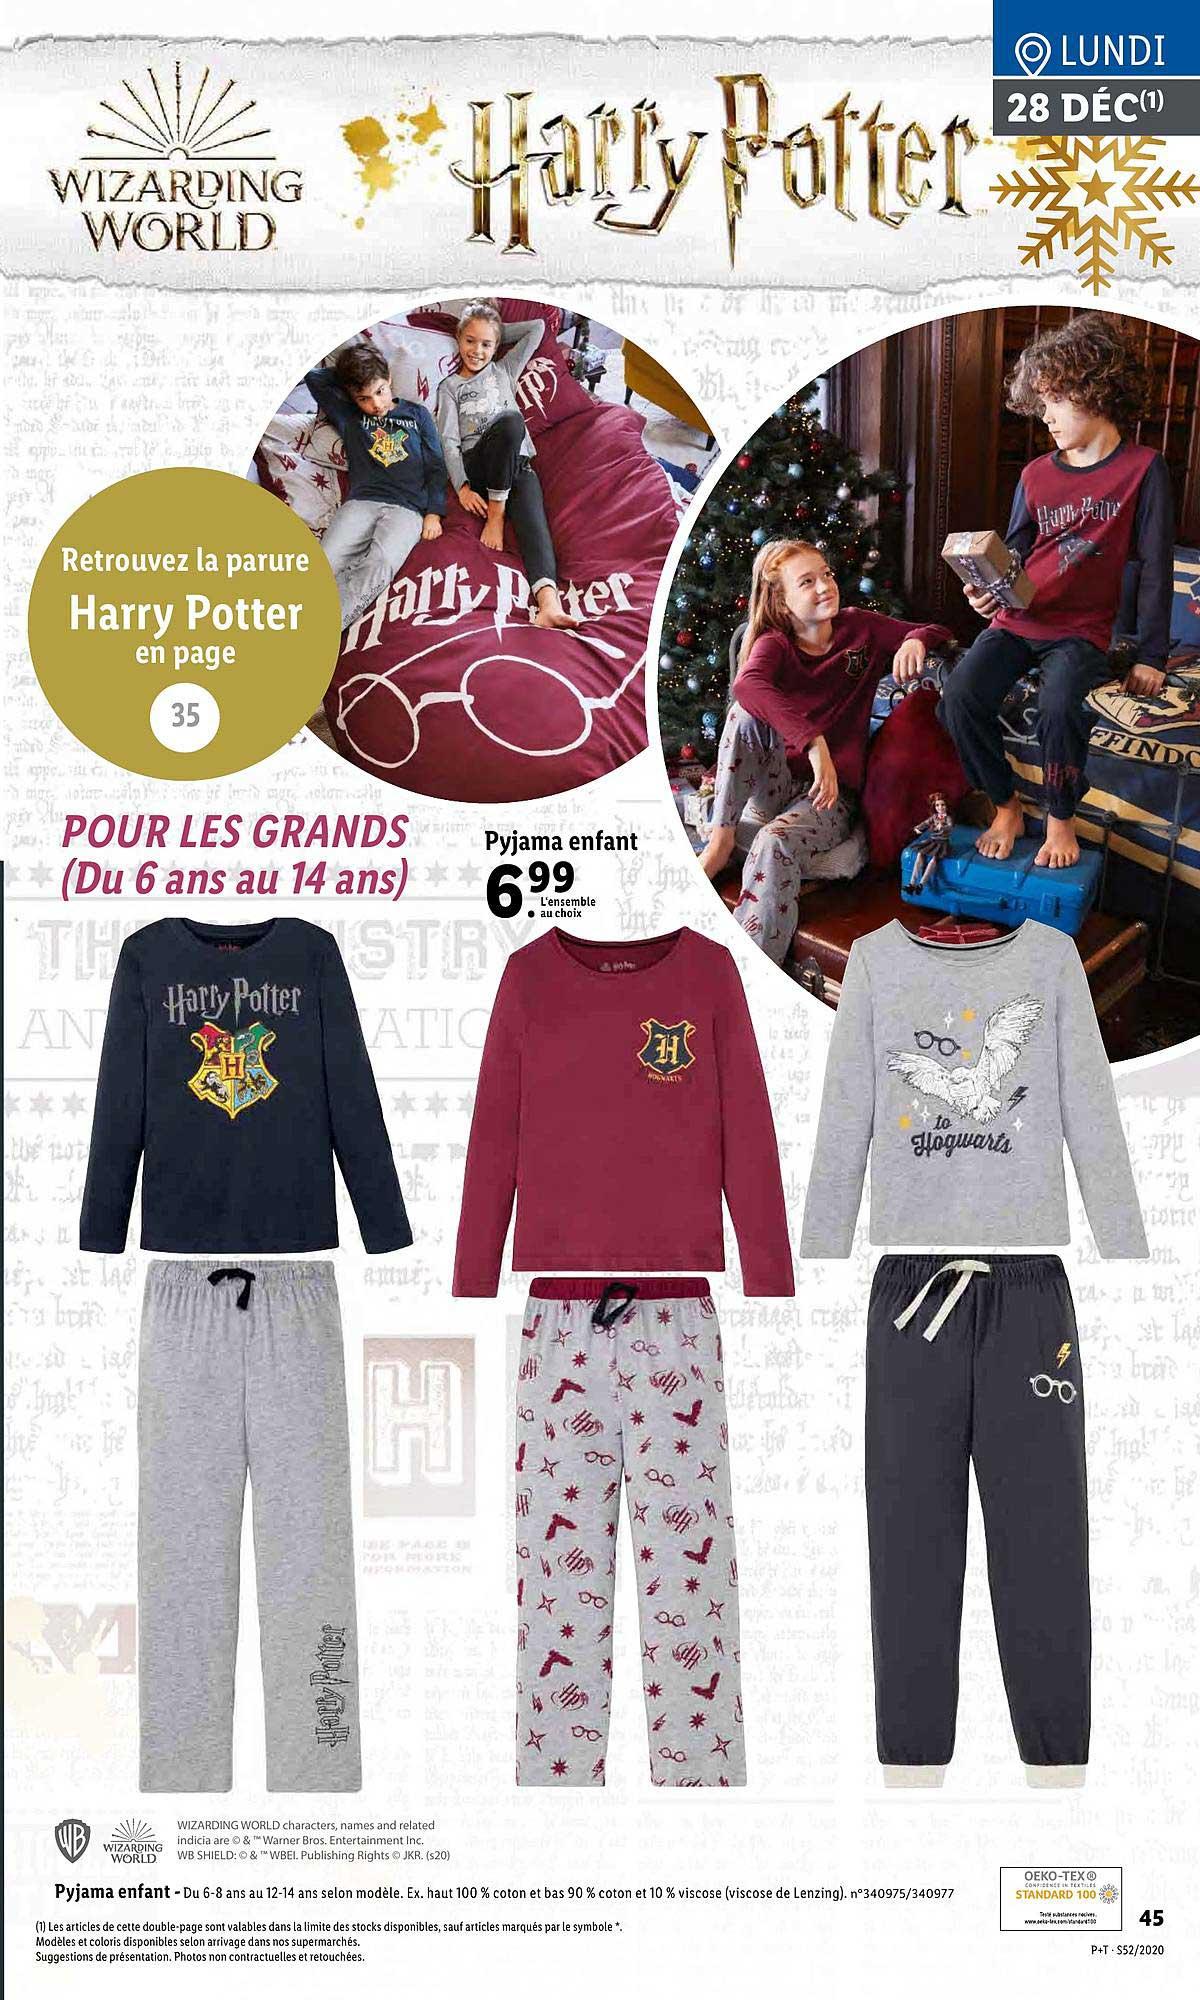 Lidl Pyjama Enfant Harry Potter